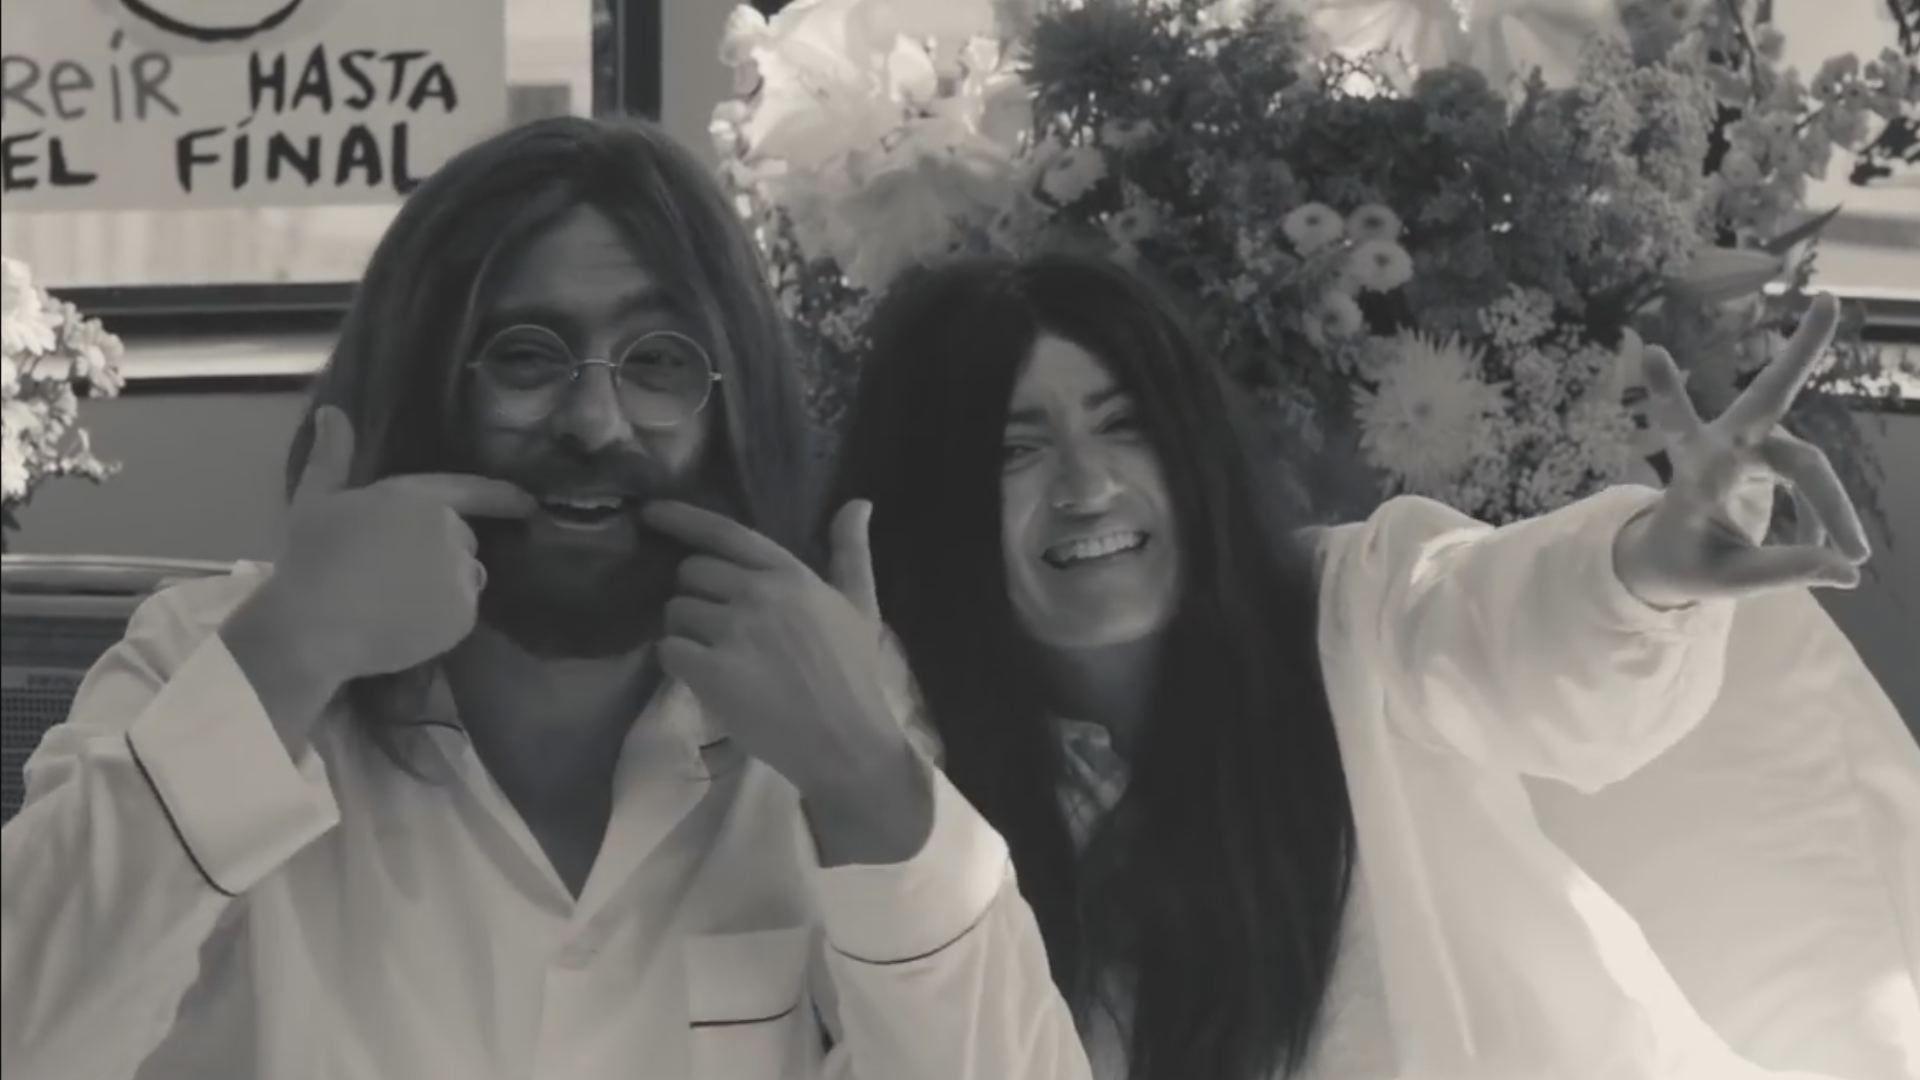 La promo de los Goya 2019: «Ríete en paz» con Silvia Abril y Andreu Buenafuente.Noé suelta la paloma. Mosaico del siglo XIII en el pórtico del atrio de la basílica de San Marcos de Venecia